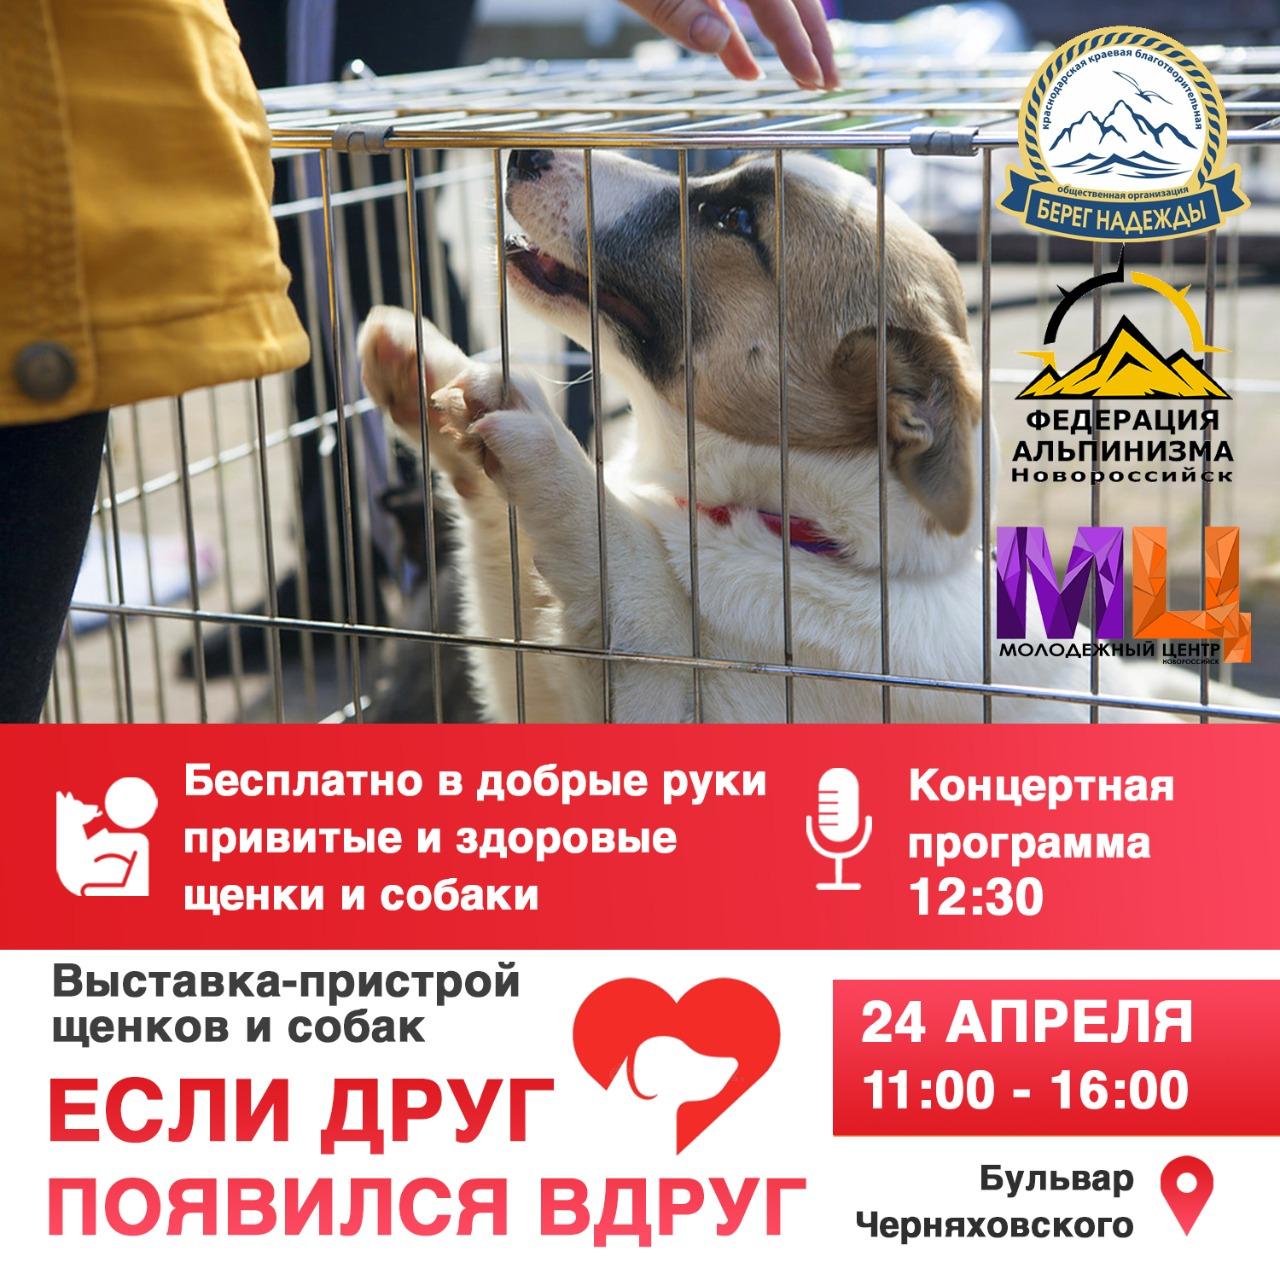 Новороссийцев приглашают на «Щенячий фестиваль»